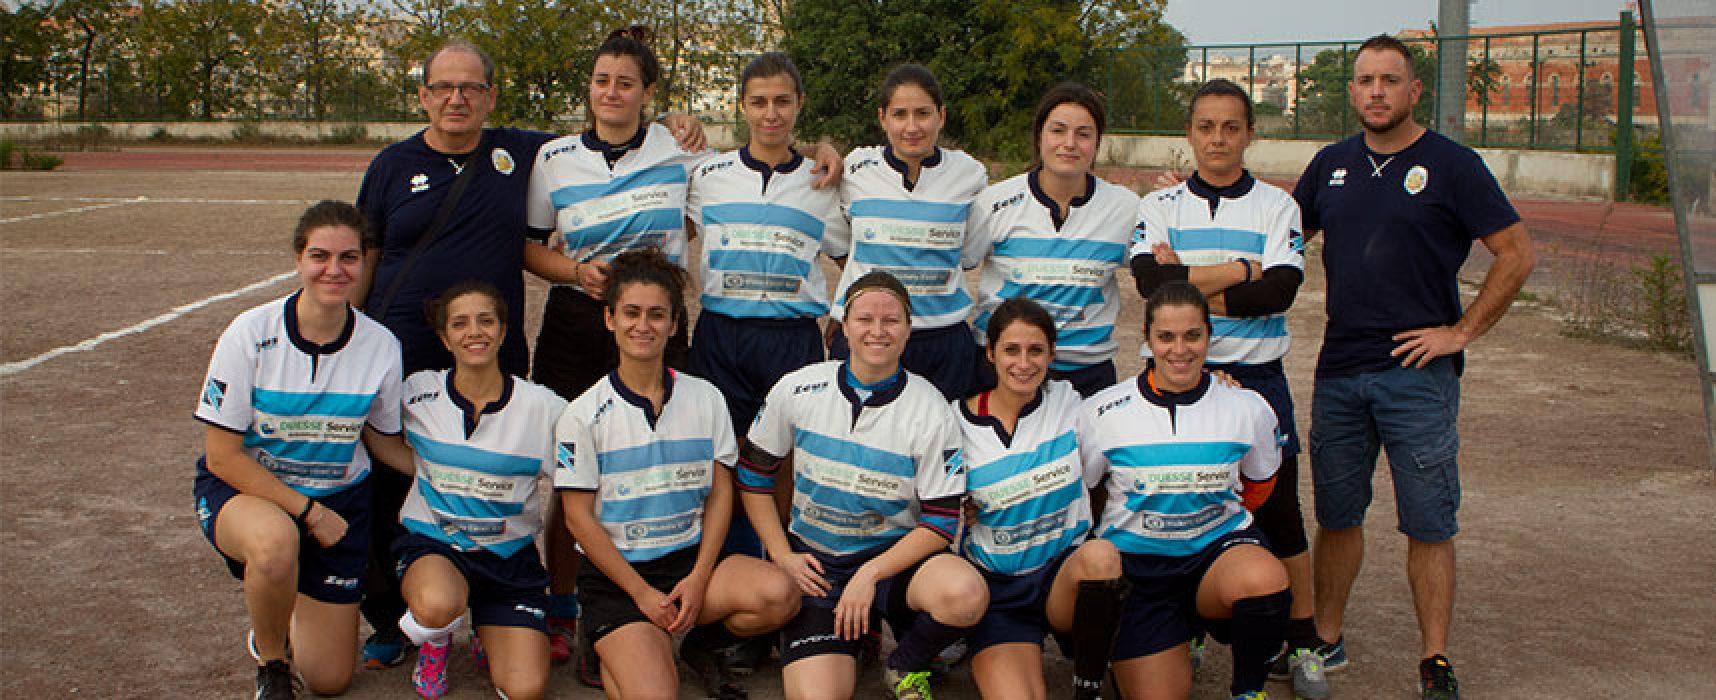 Coppa Italia Femminile, il Bees Rugby Bisceglie si ferma ad un passo dalla finale / FOTO